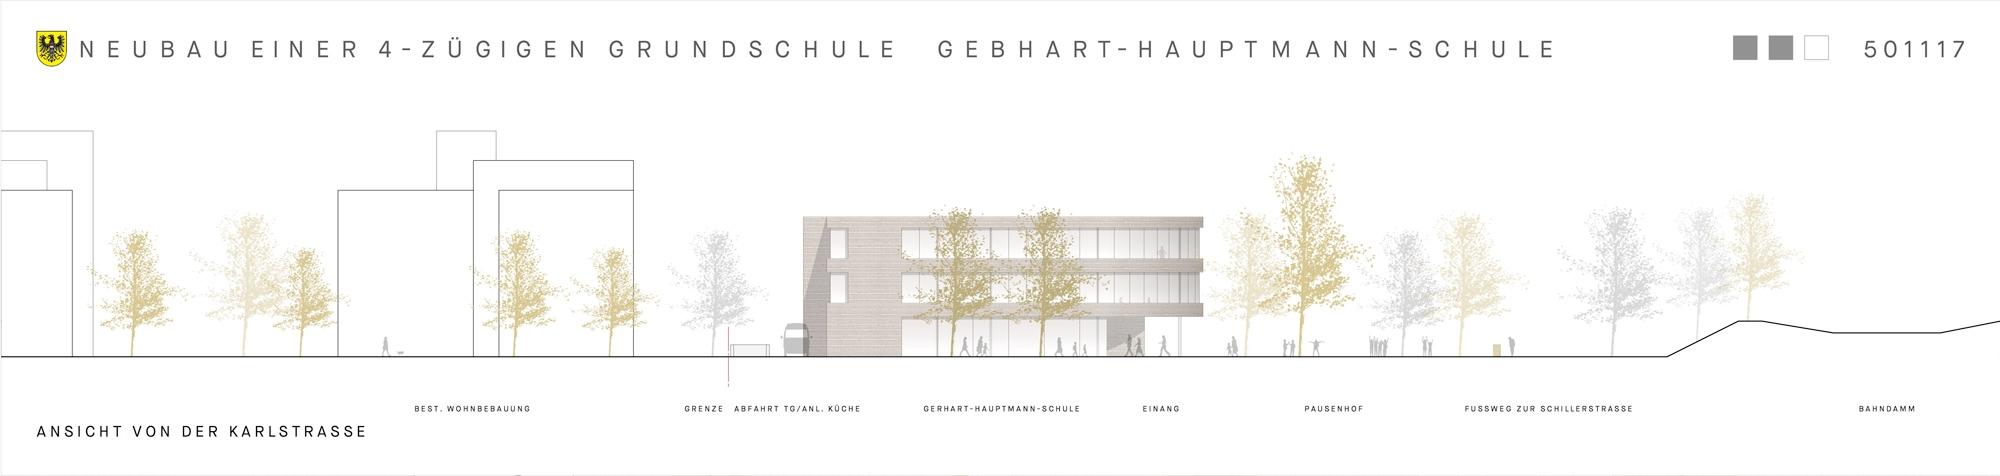 Ergebnis Neubau Einer 4 Zugigen Grundschule Ger Competitionline